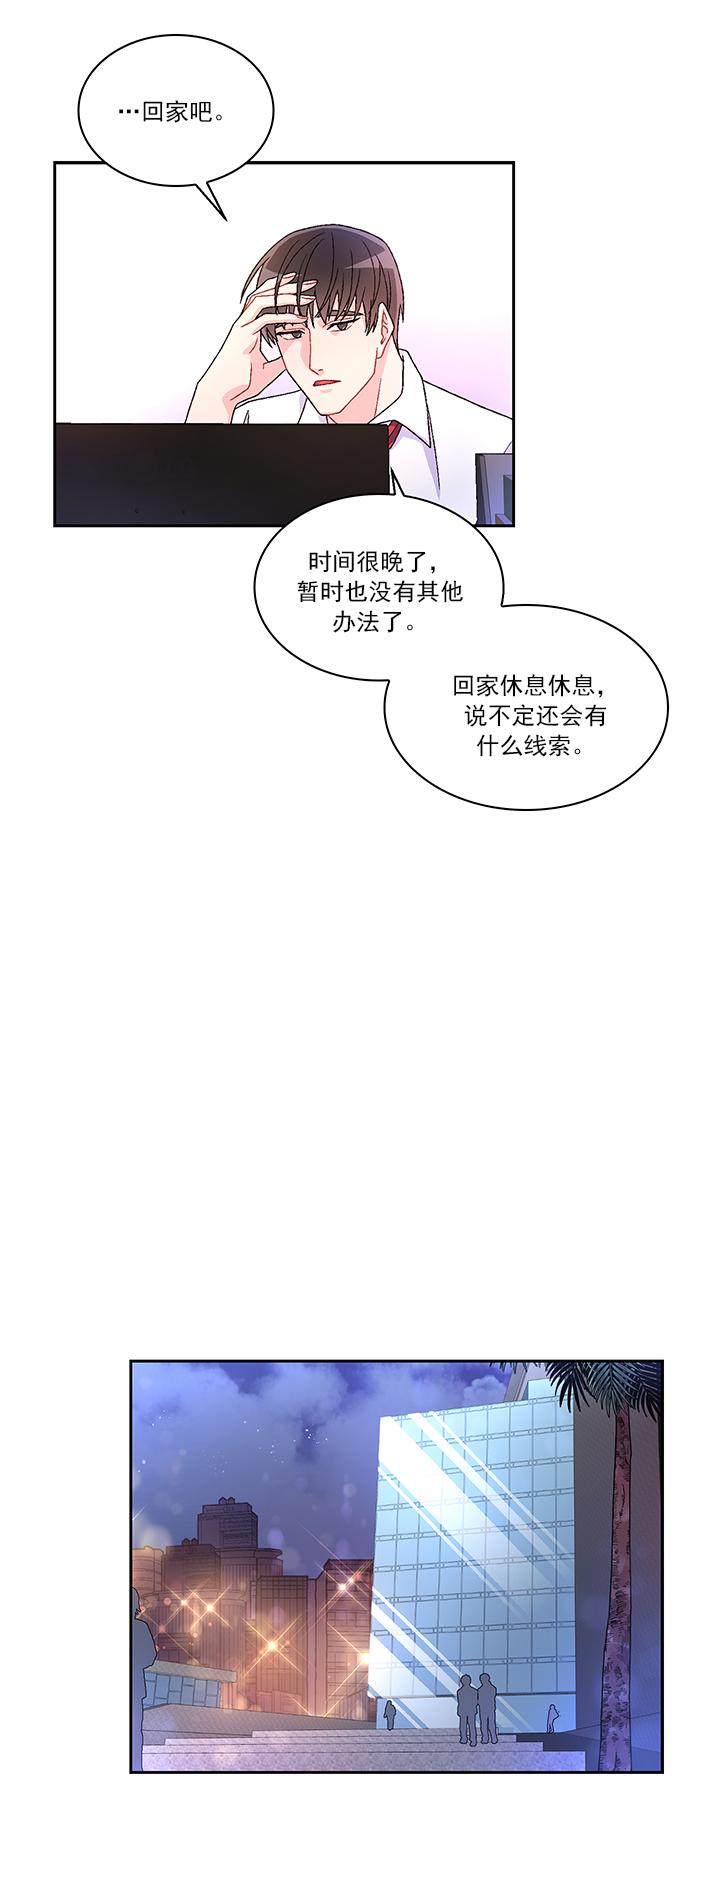 韩漫 | 《亚瑟》美人攻x刑警受  第23张